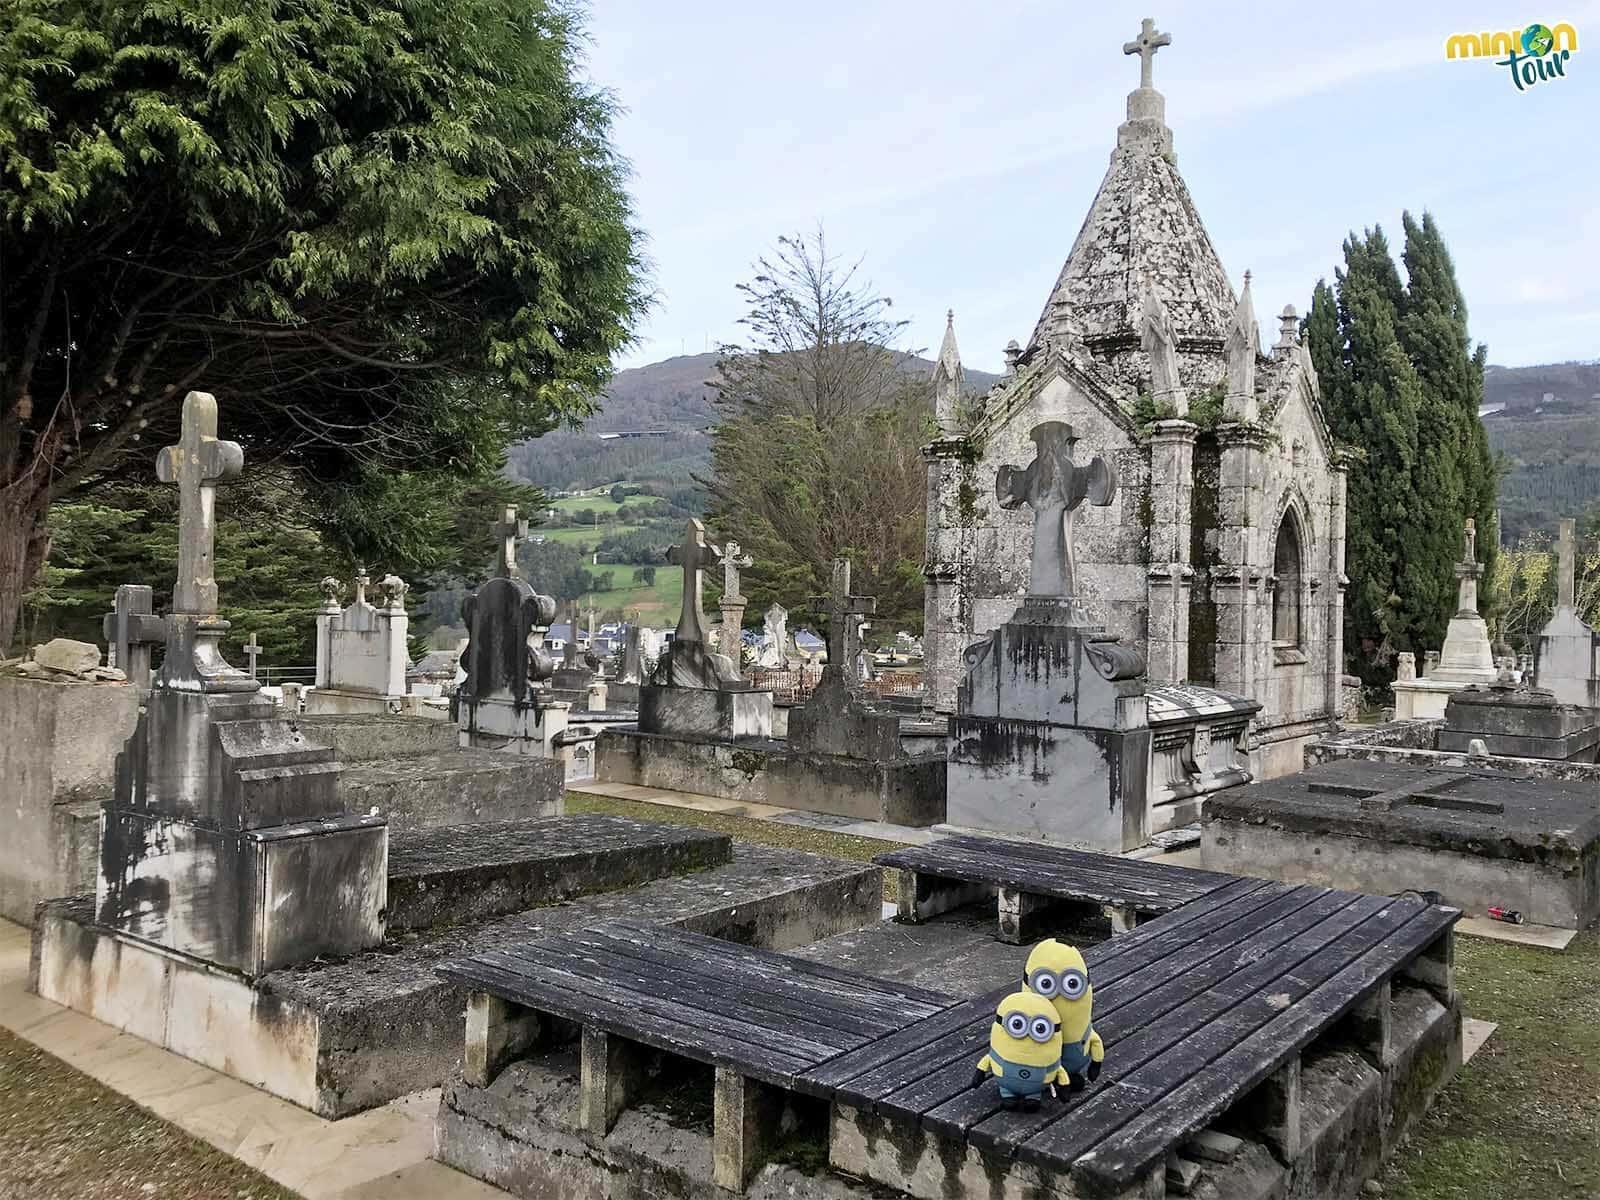 El cementerio viejo de Mondoñedo tiene verdaderas obras de arte